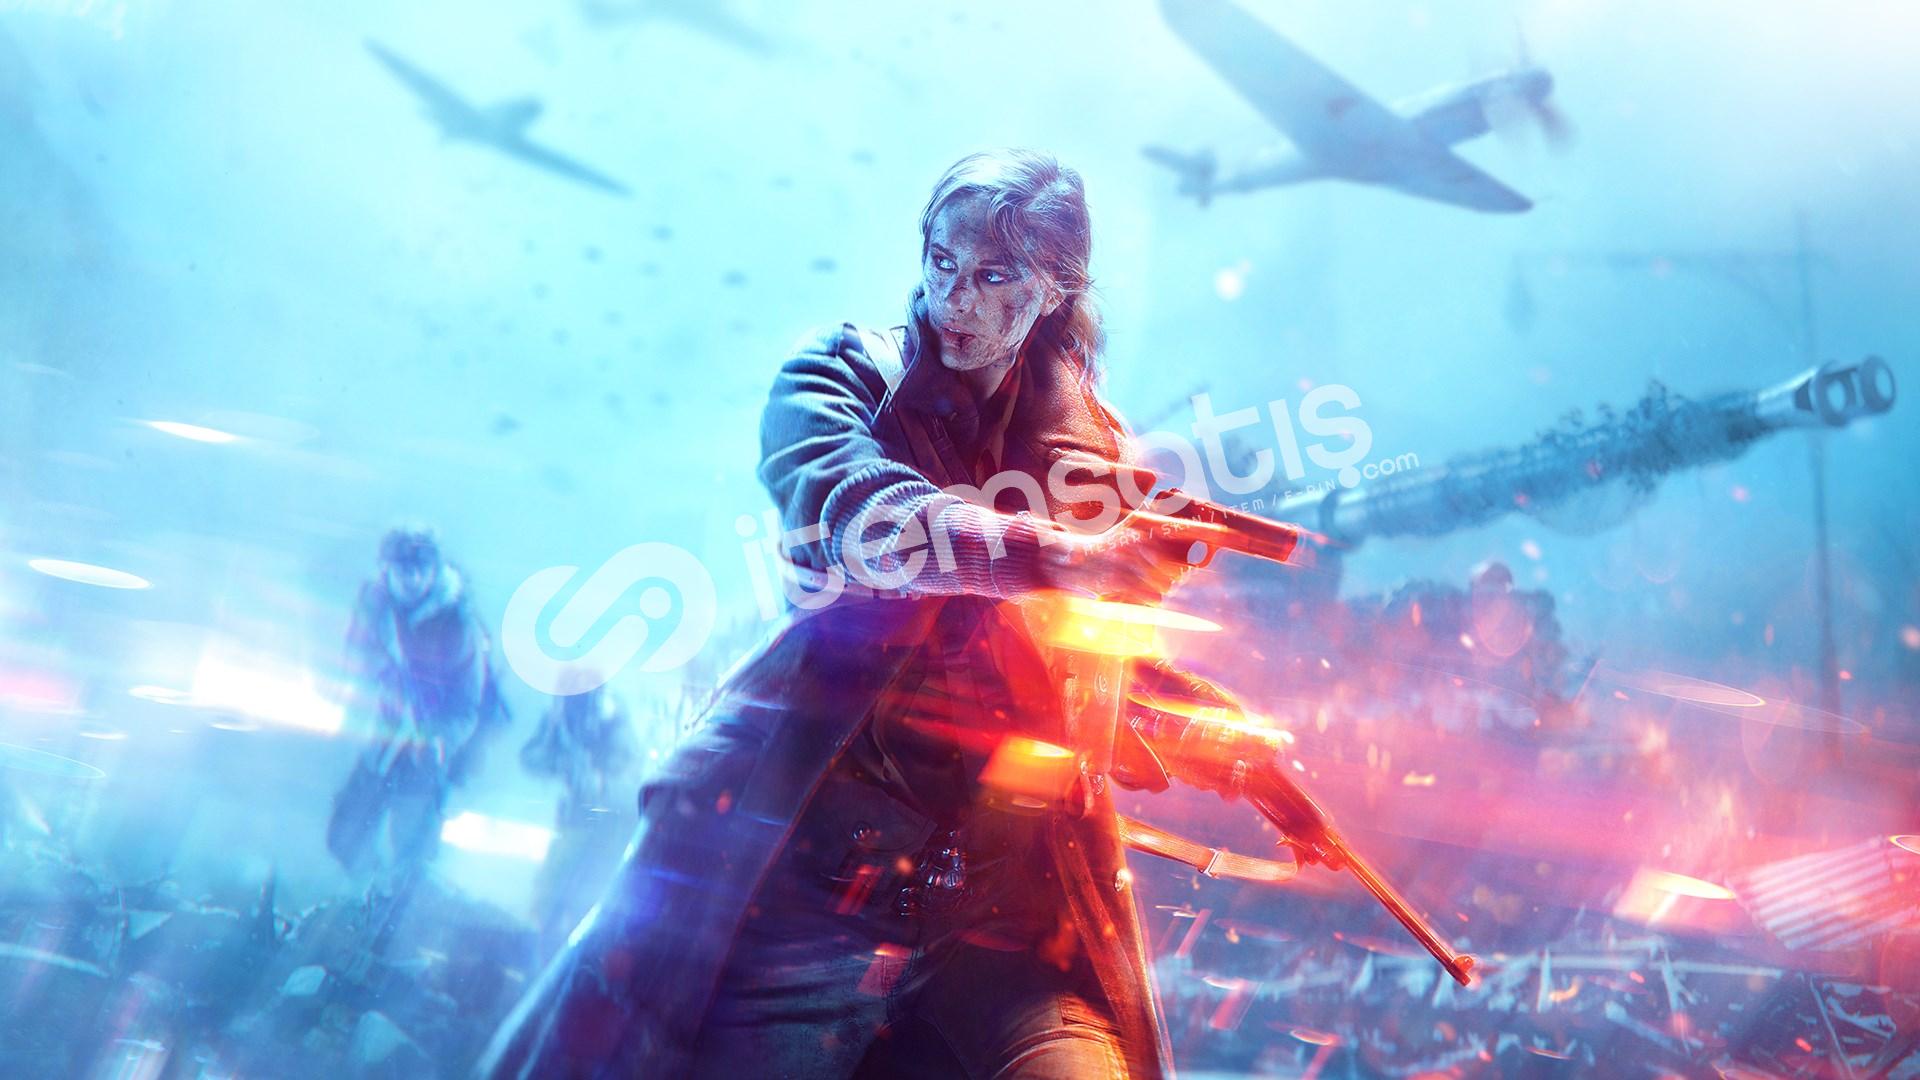 (ONLİNE) Battlefield 5 (7.49TL)